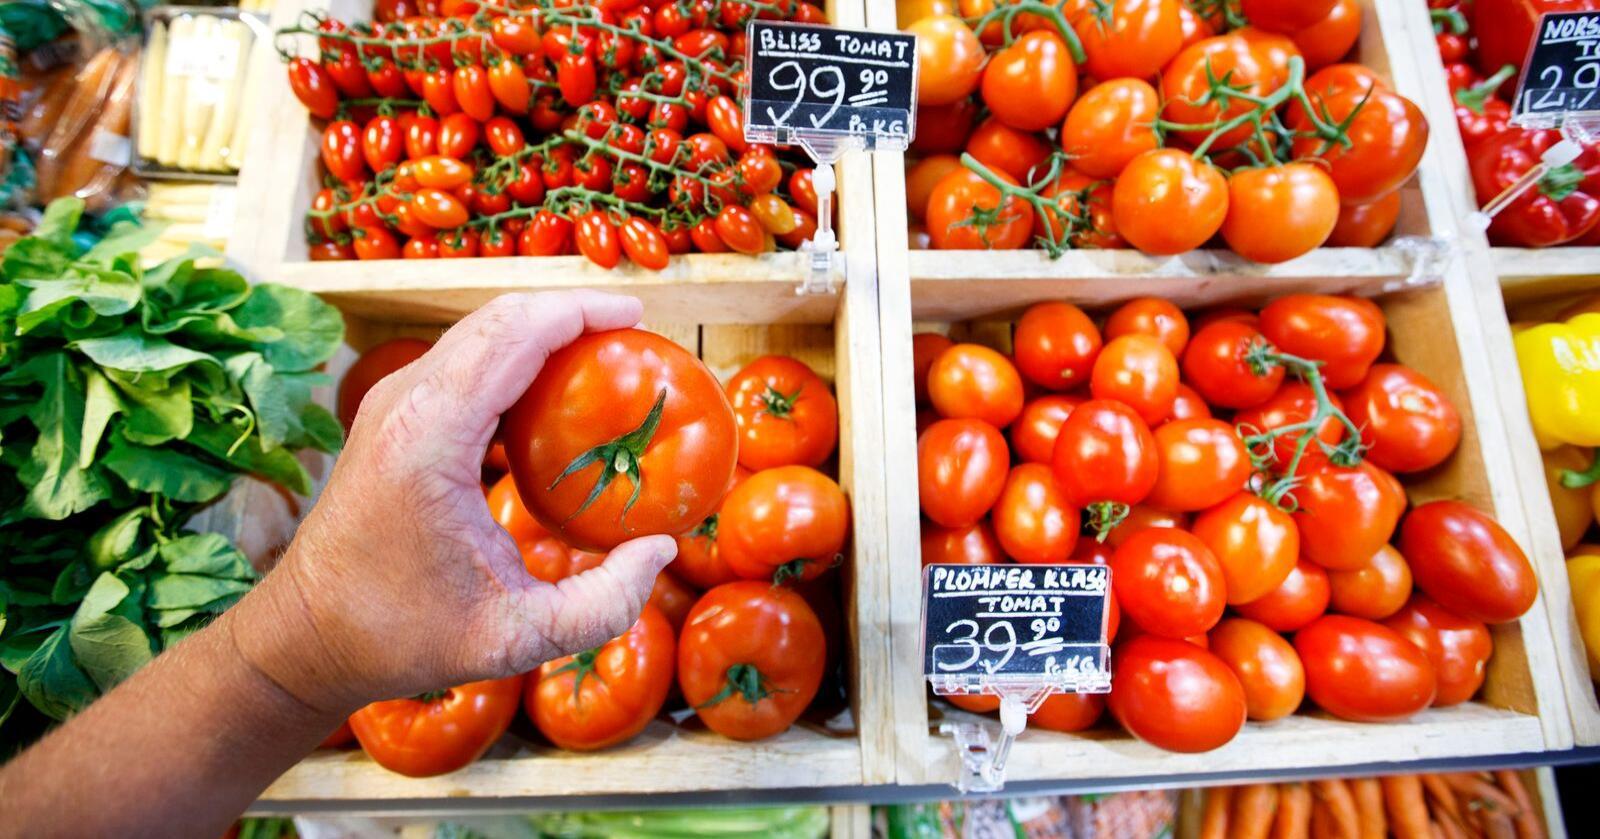 Det ble produsert flere tomater i Norge i fjor enn året før. Foto: Gorm Kallestad / NTB